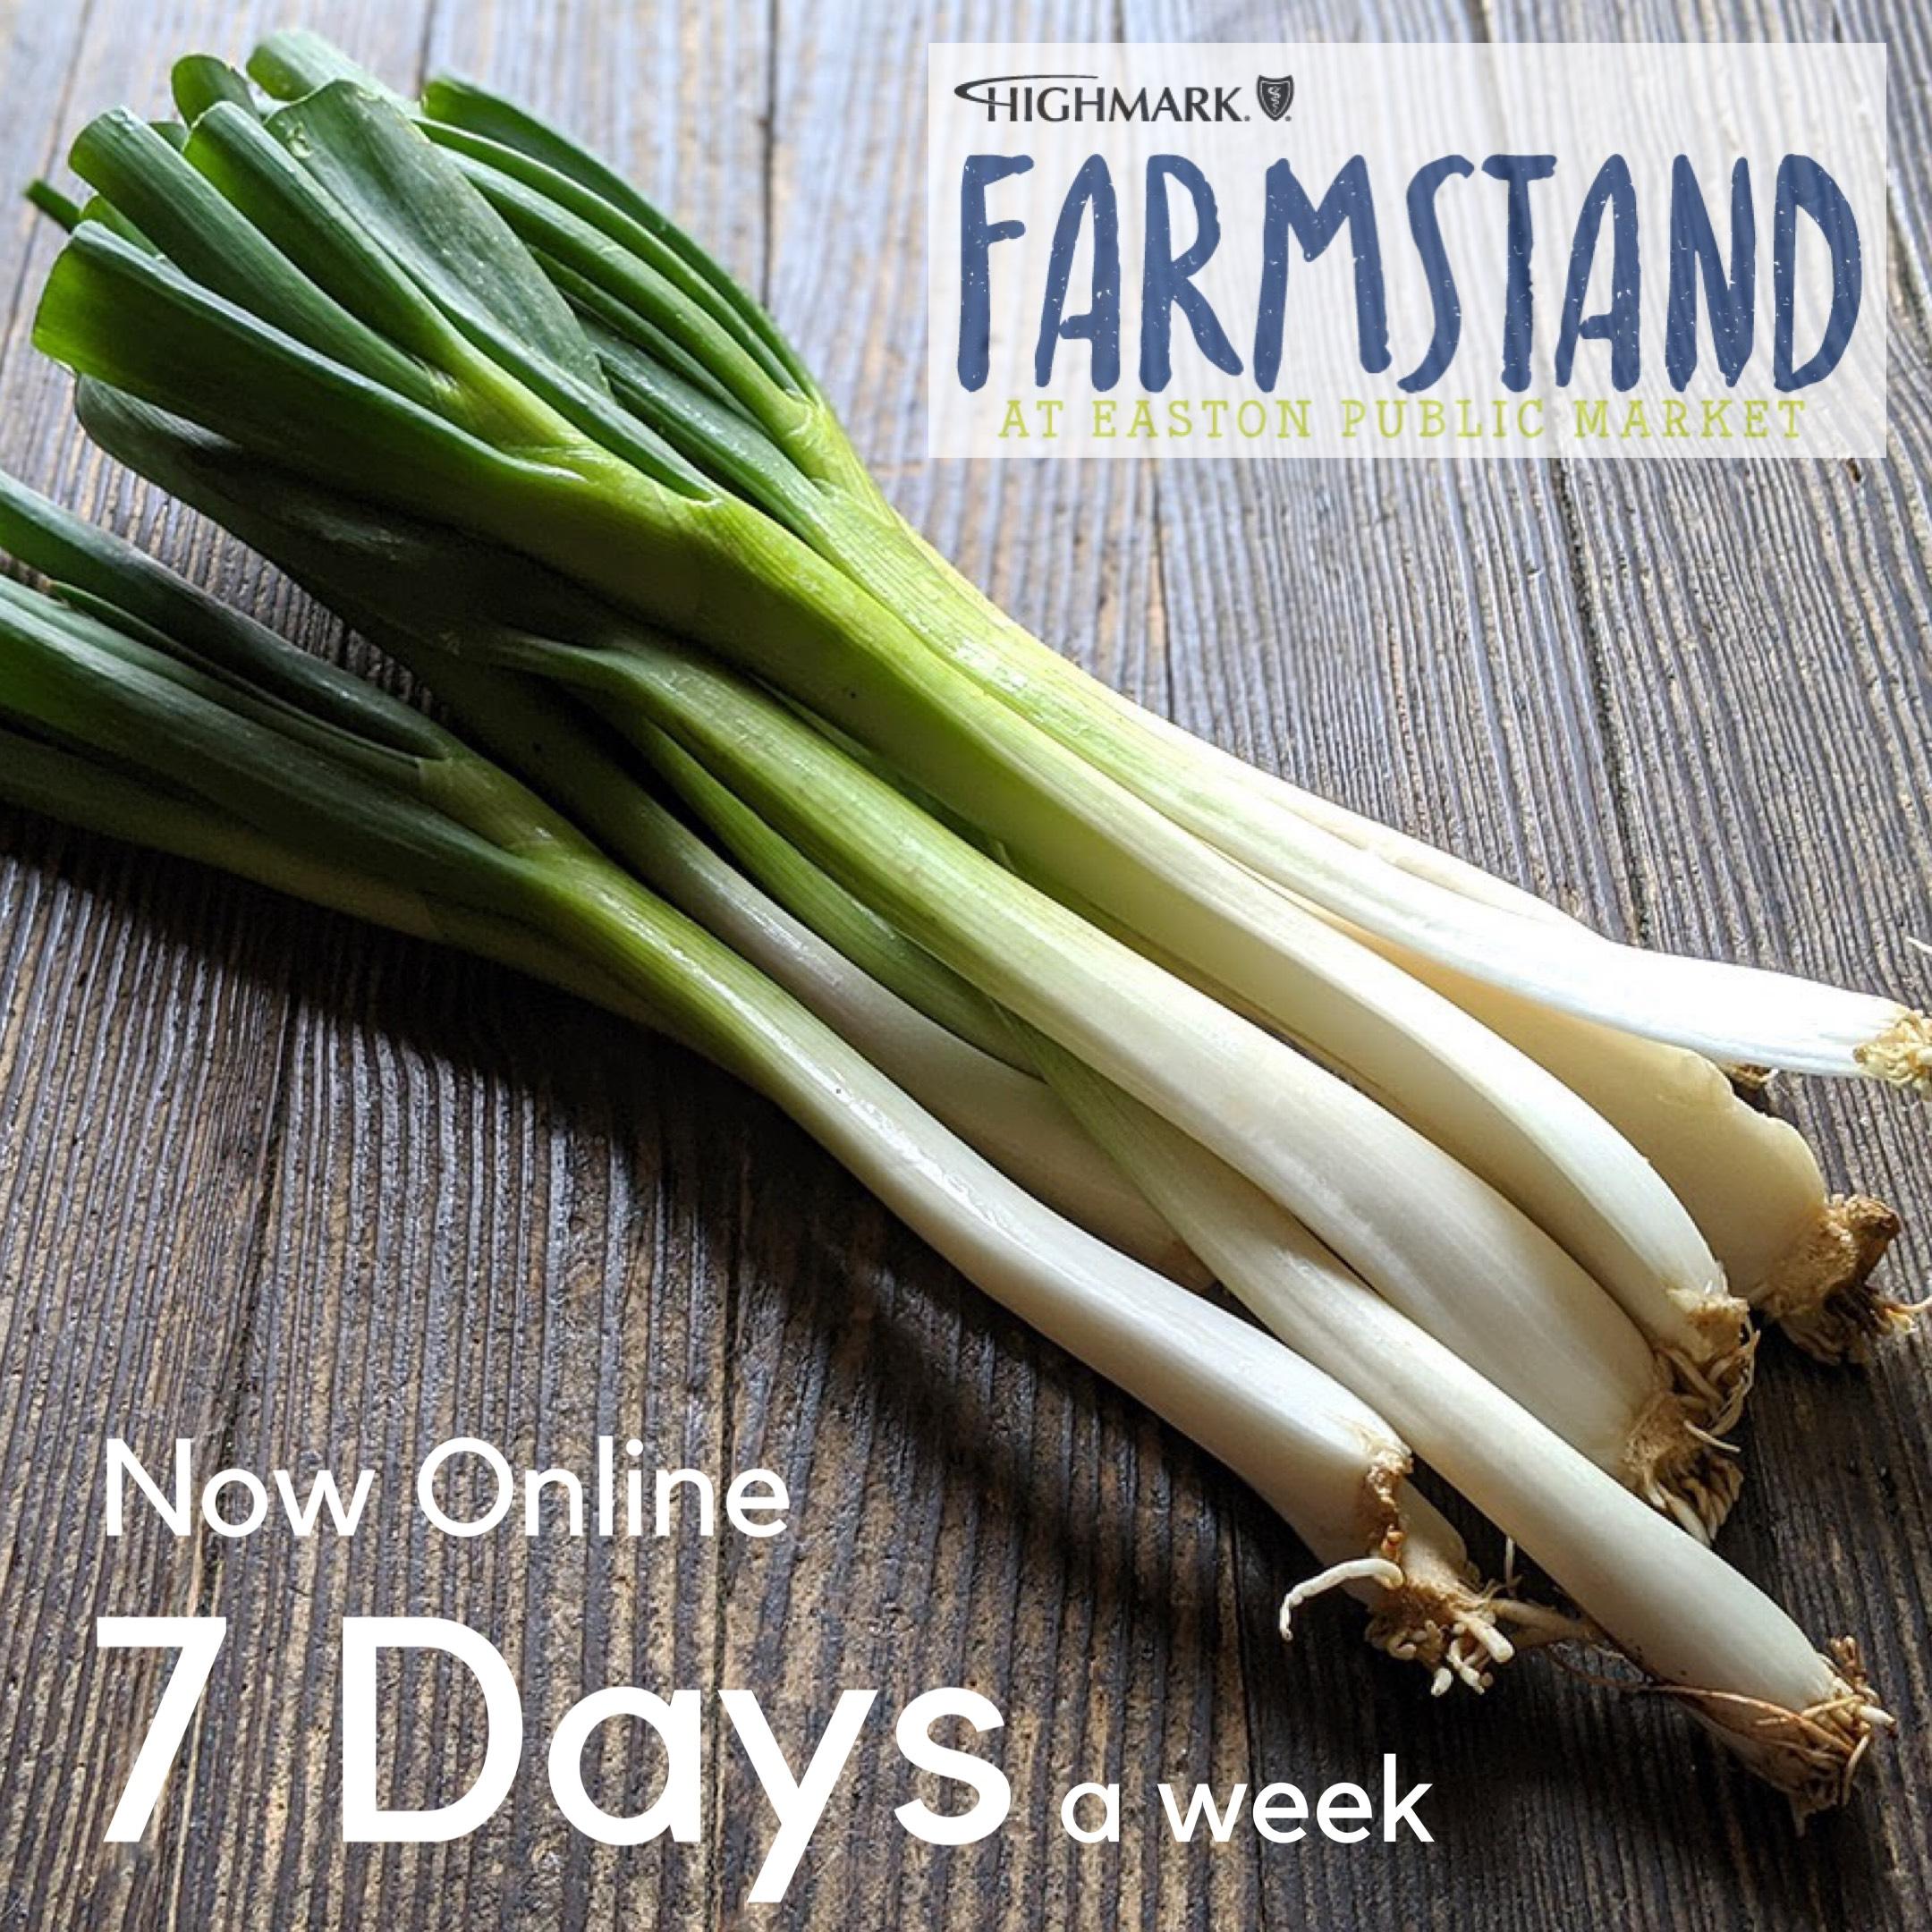 Farmstand – Open 7 Days a Week